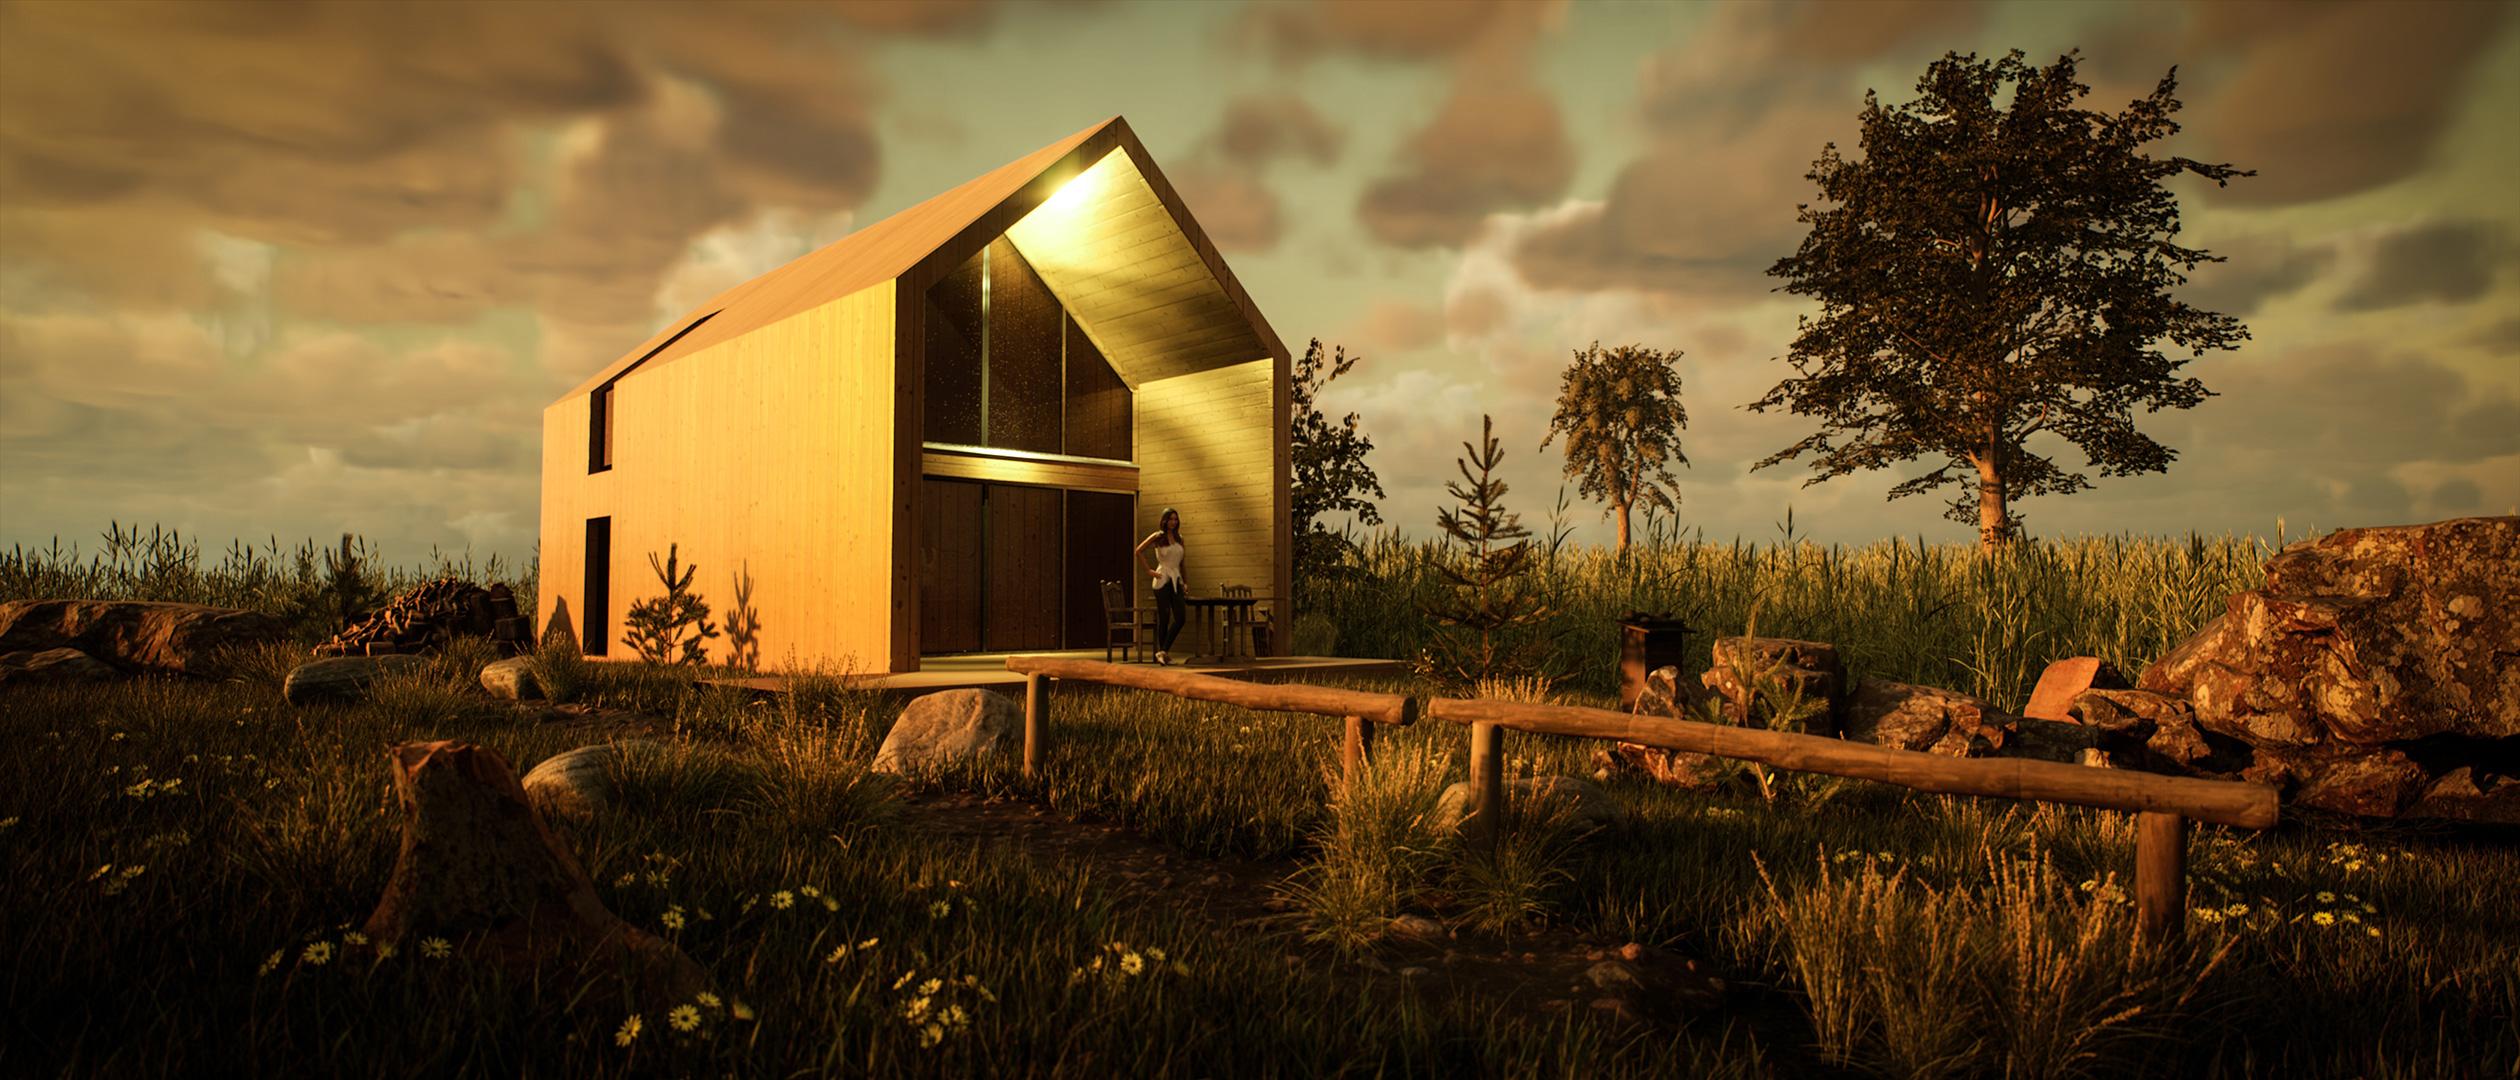 ⌂ Widokowy™ - domy modułowe z drewna - letniskowe lub całoroczne. Projekty 35-70m2 bez pozwolenia..